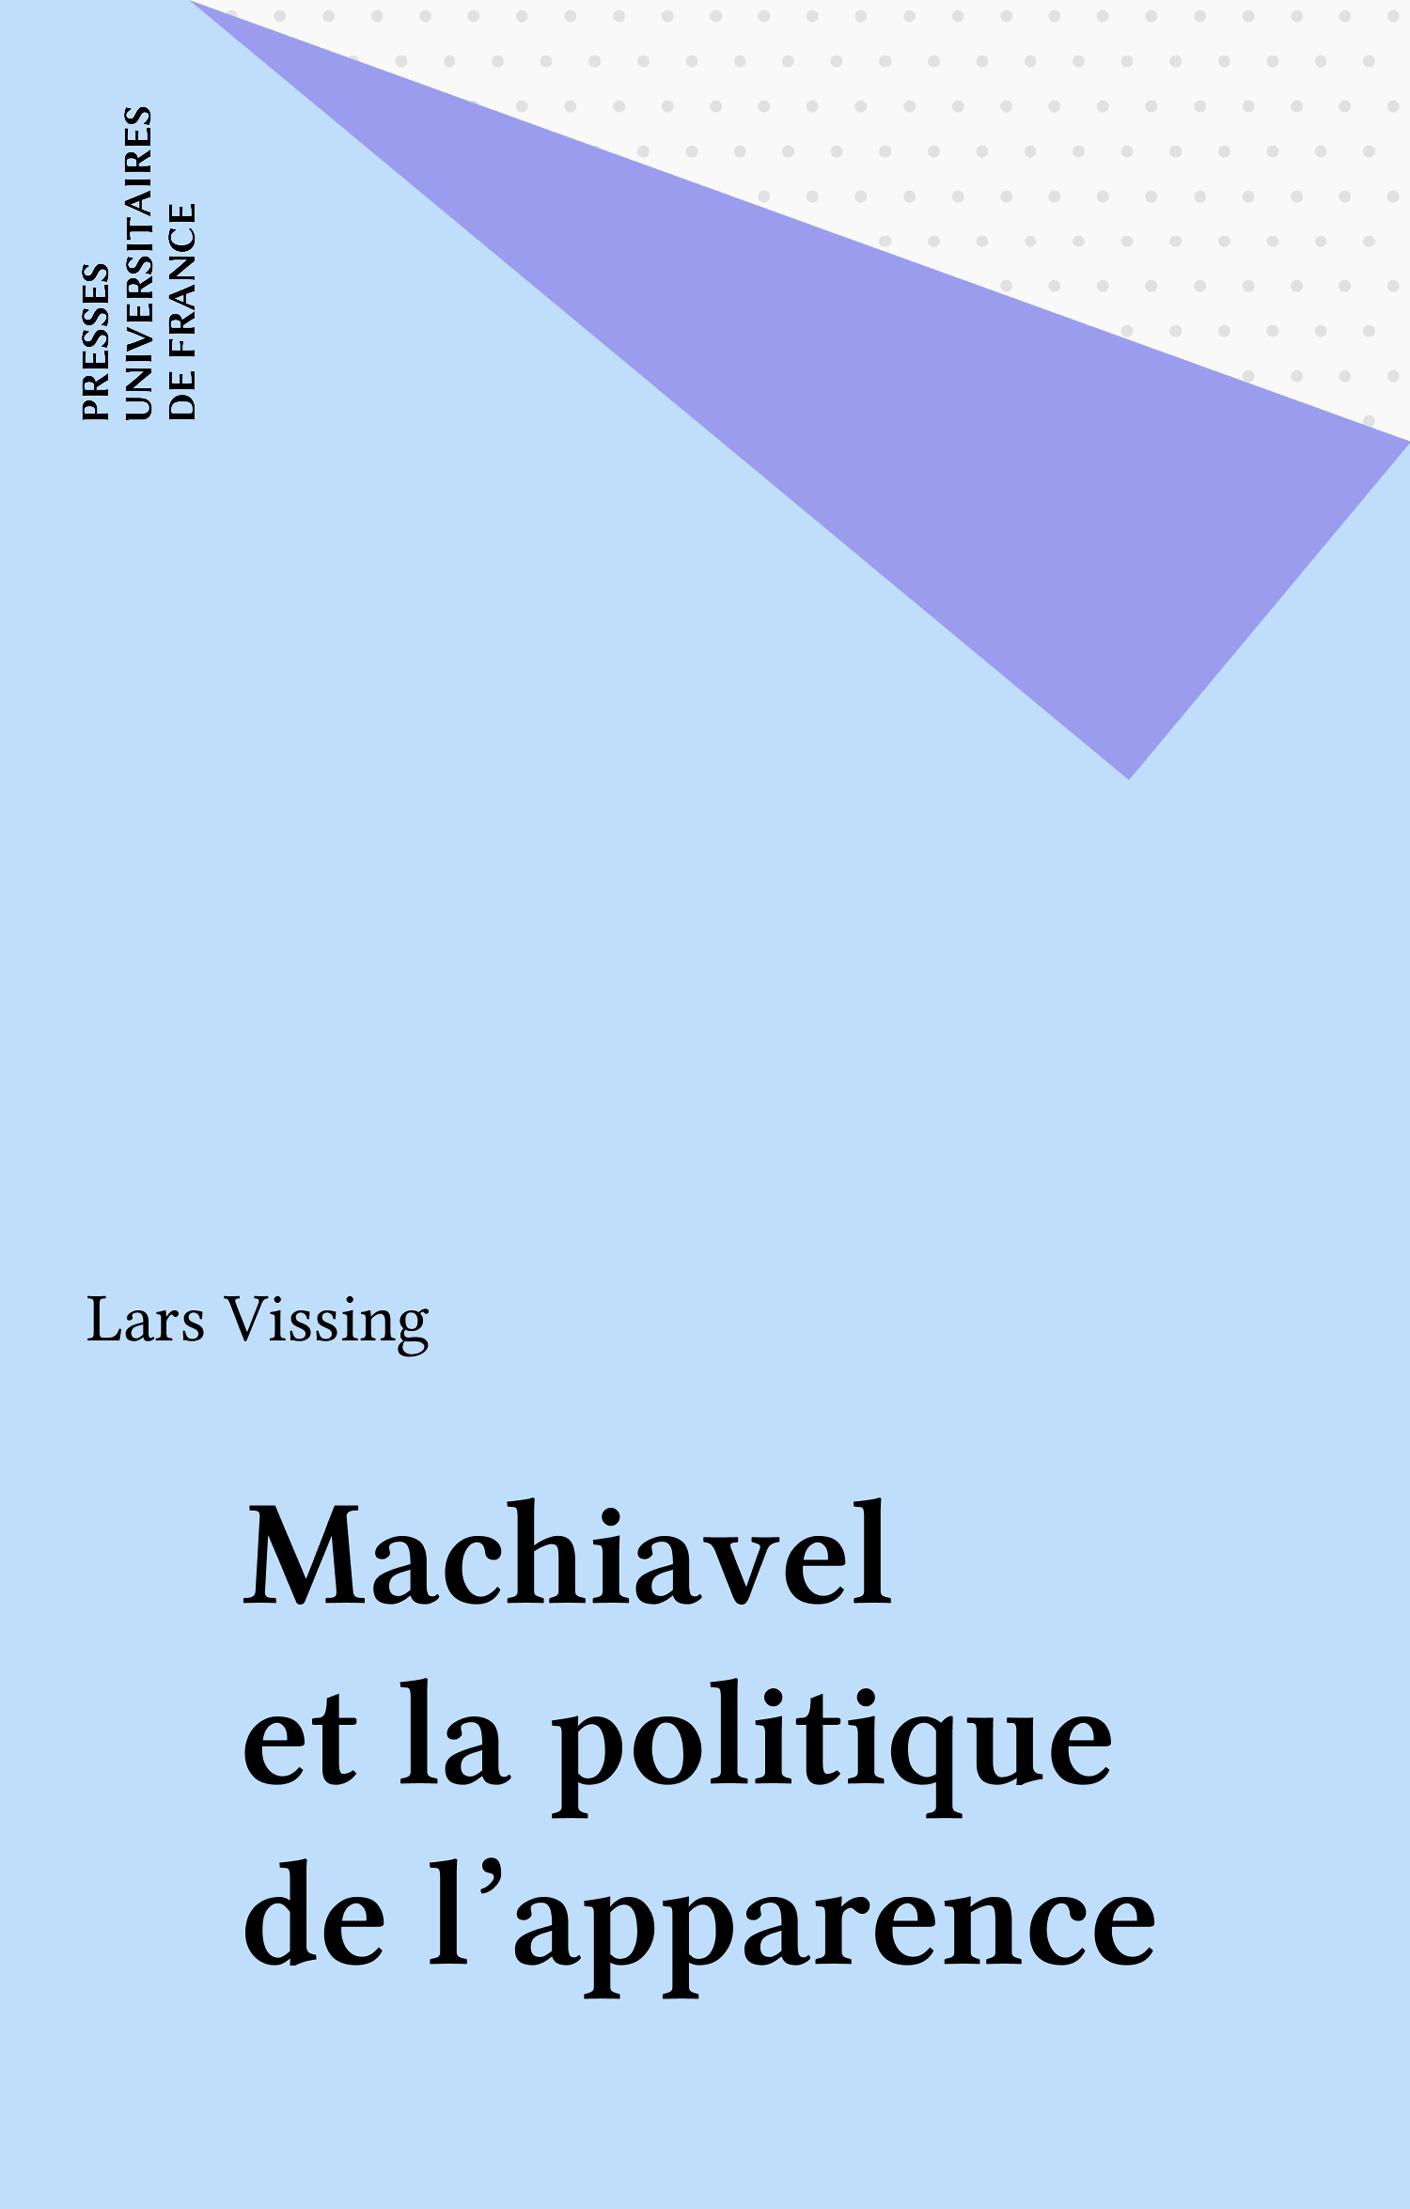 Machiavel et la politique de l'apparence